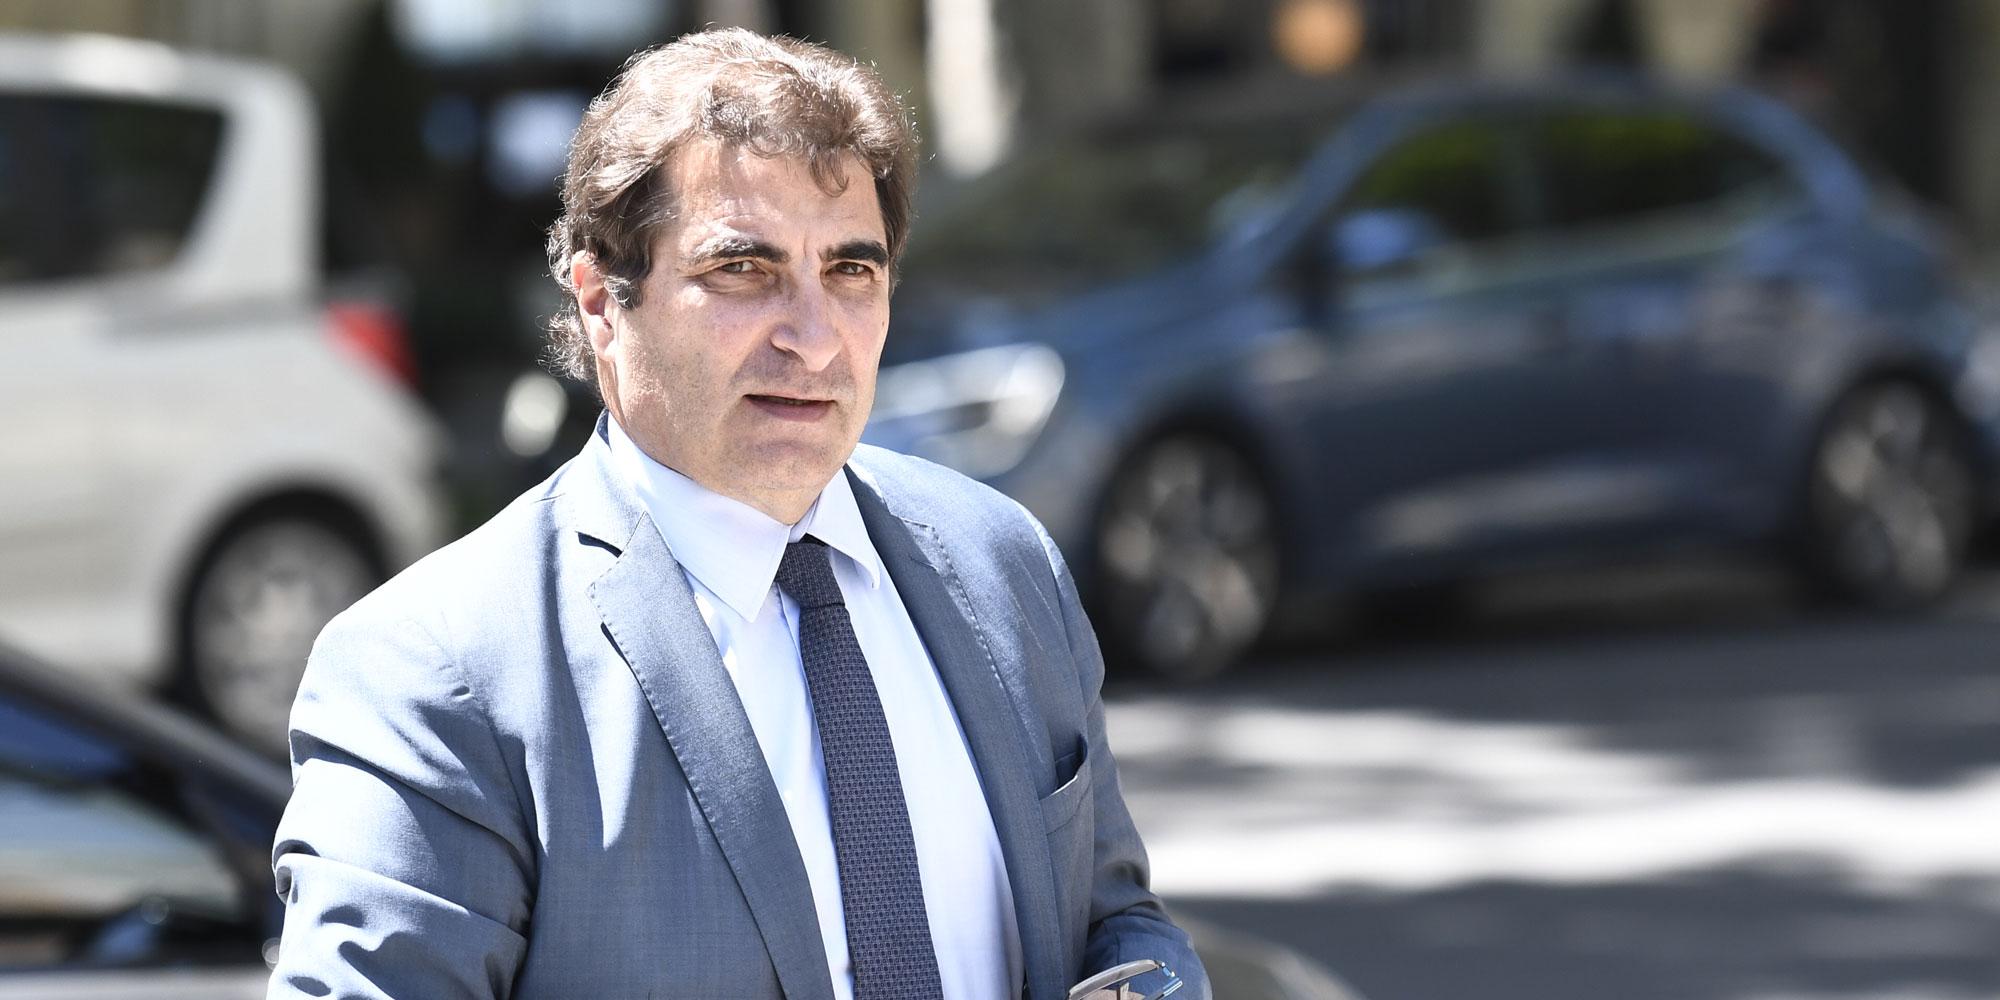 Les imprécisions de Christian Jacob sur la comparaison du nombre de titres de séjour sous Macron et Sarkozy